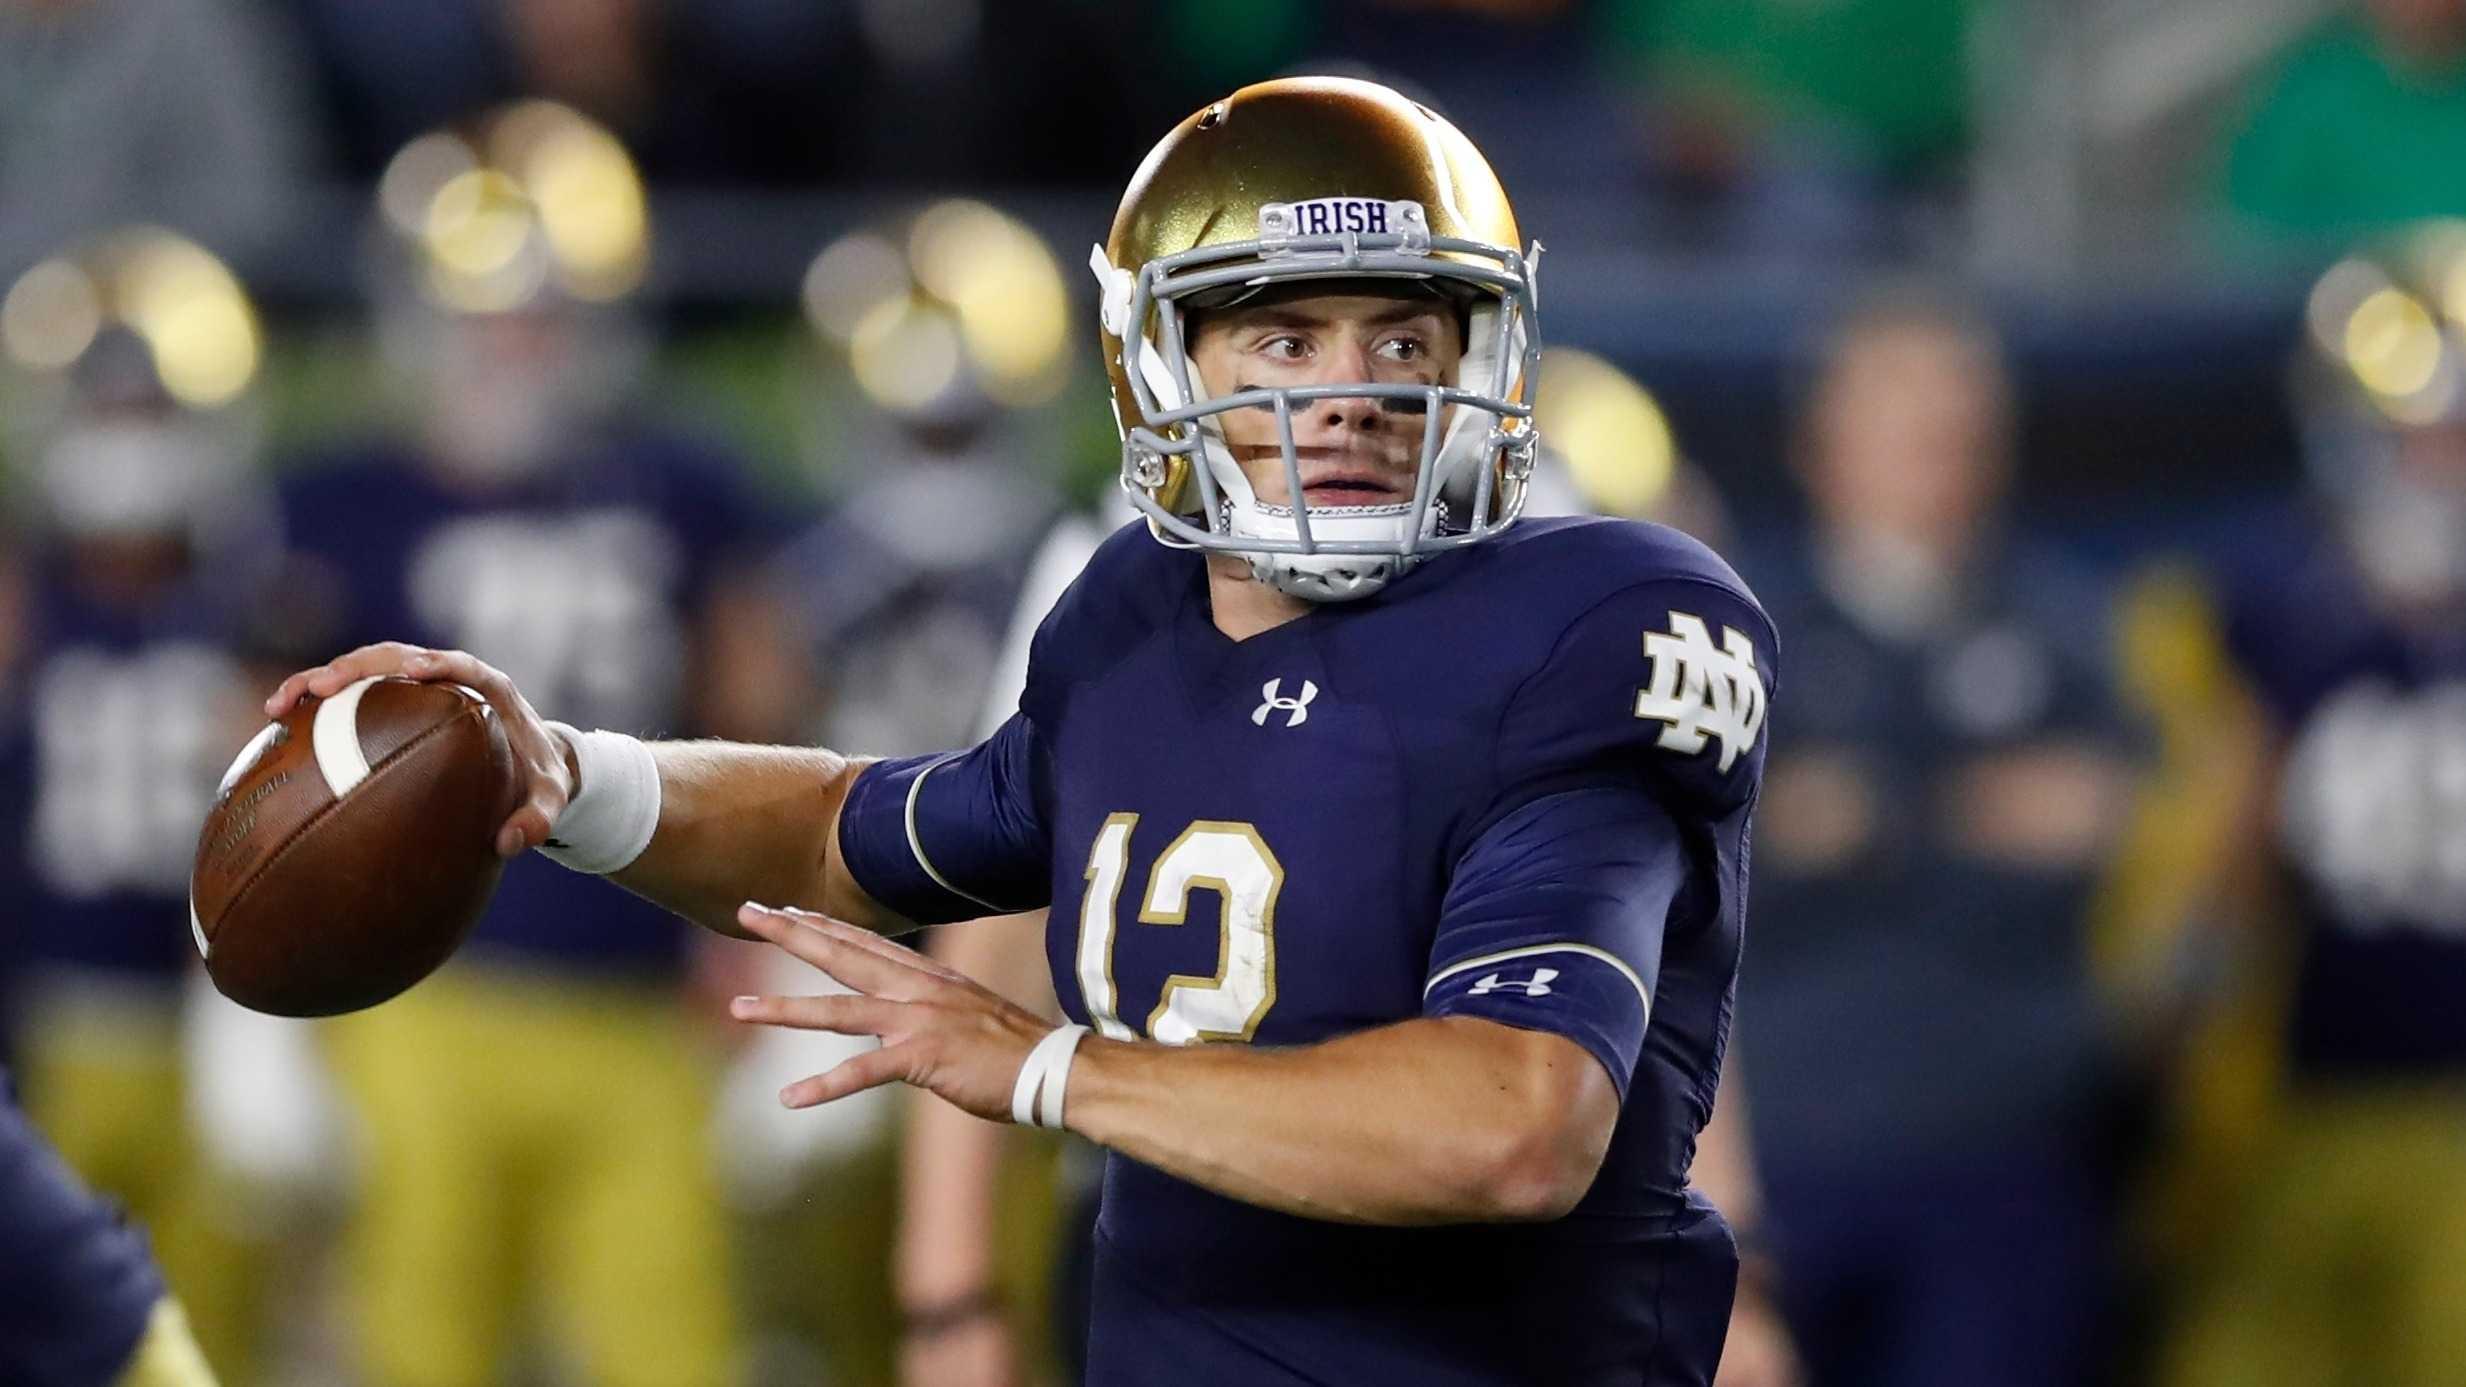 Week 6 College Football Top 10 Betting Picks